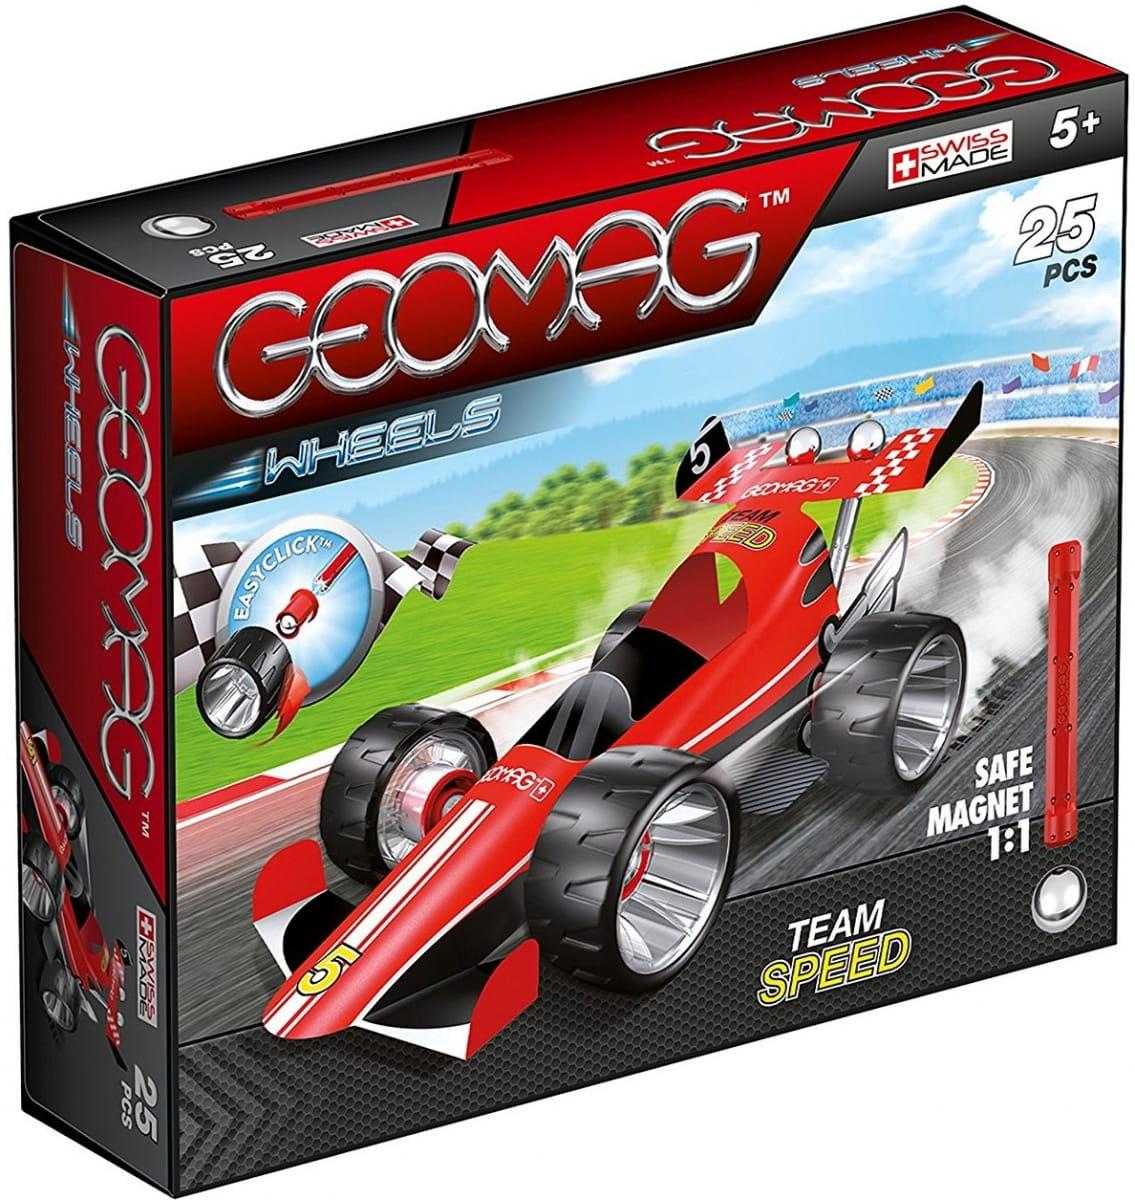 Магнитный конструктор GEOMAG Wheels Гоночная машина  красная - Магнитные конструкторы